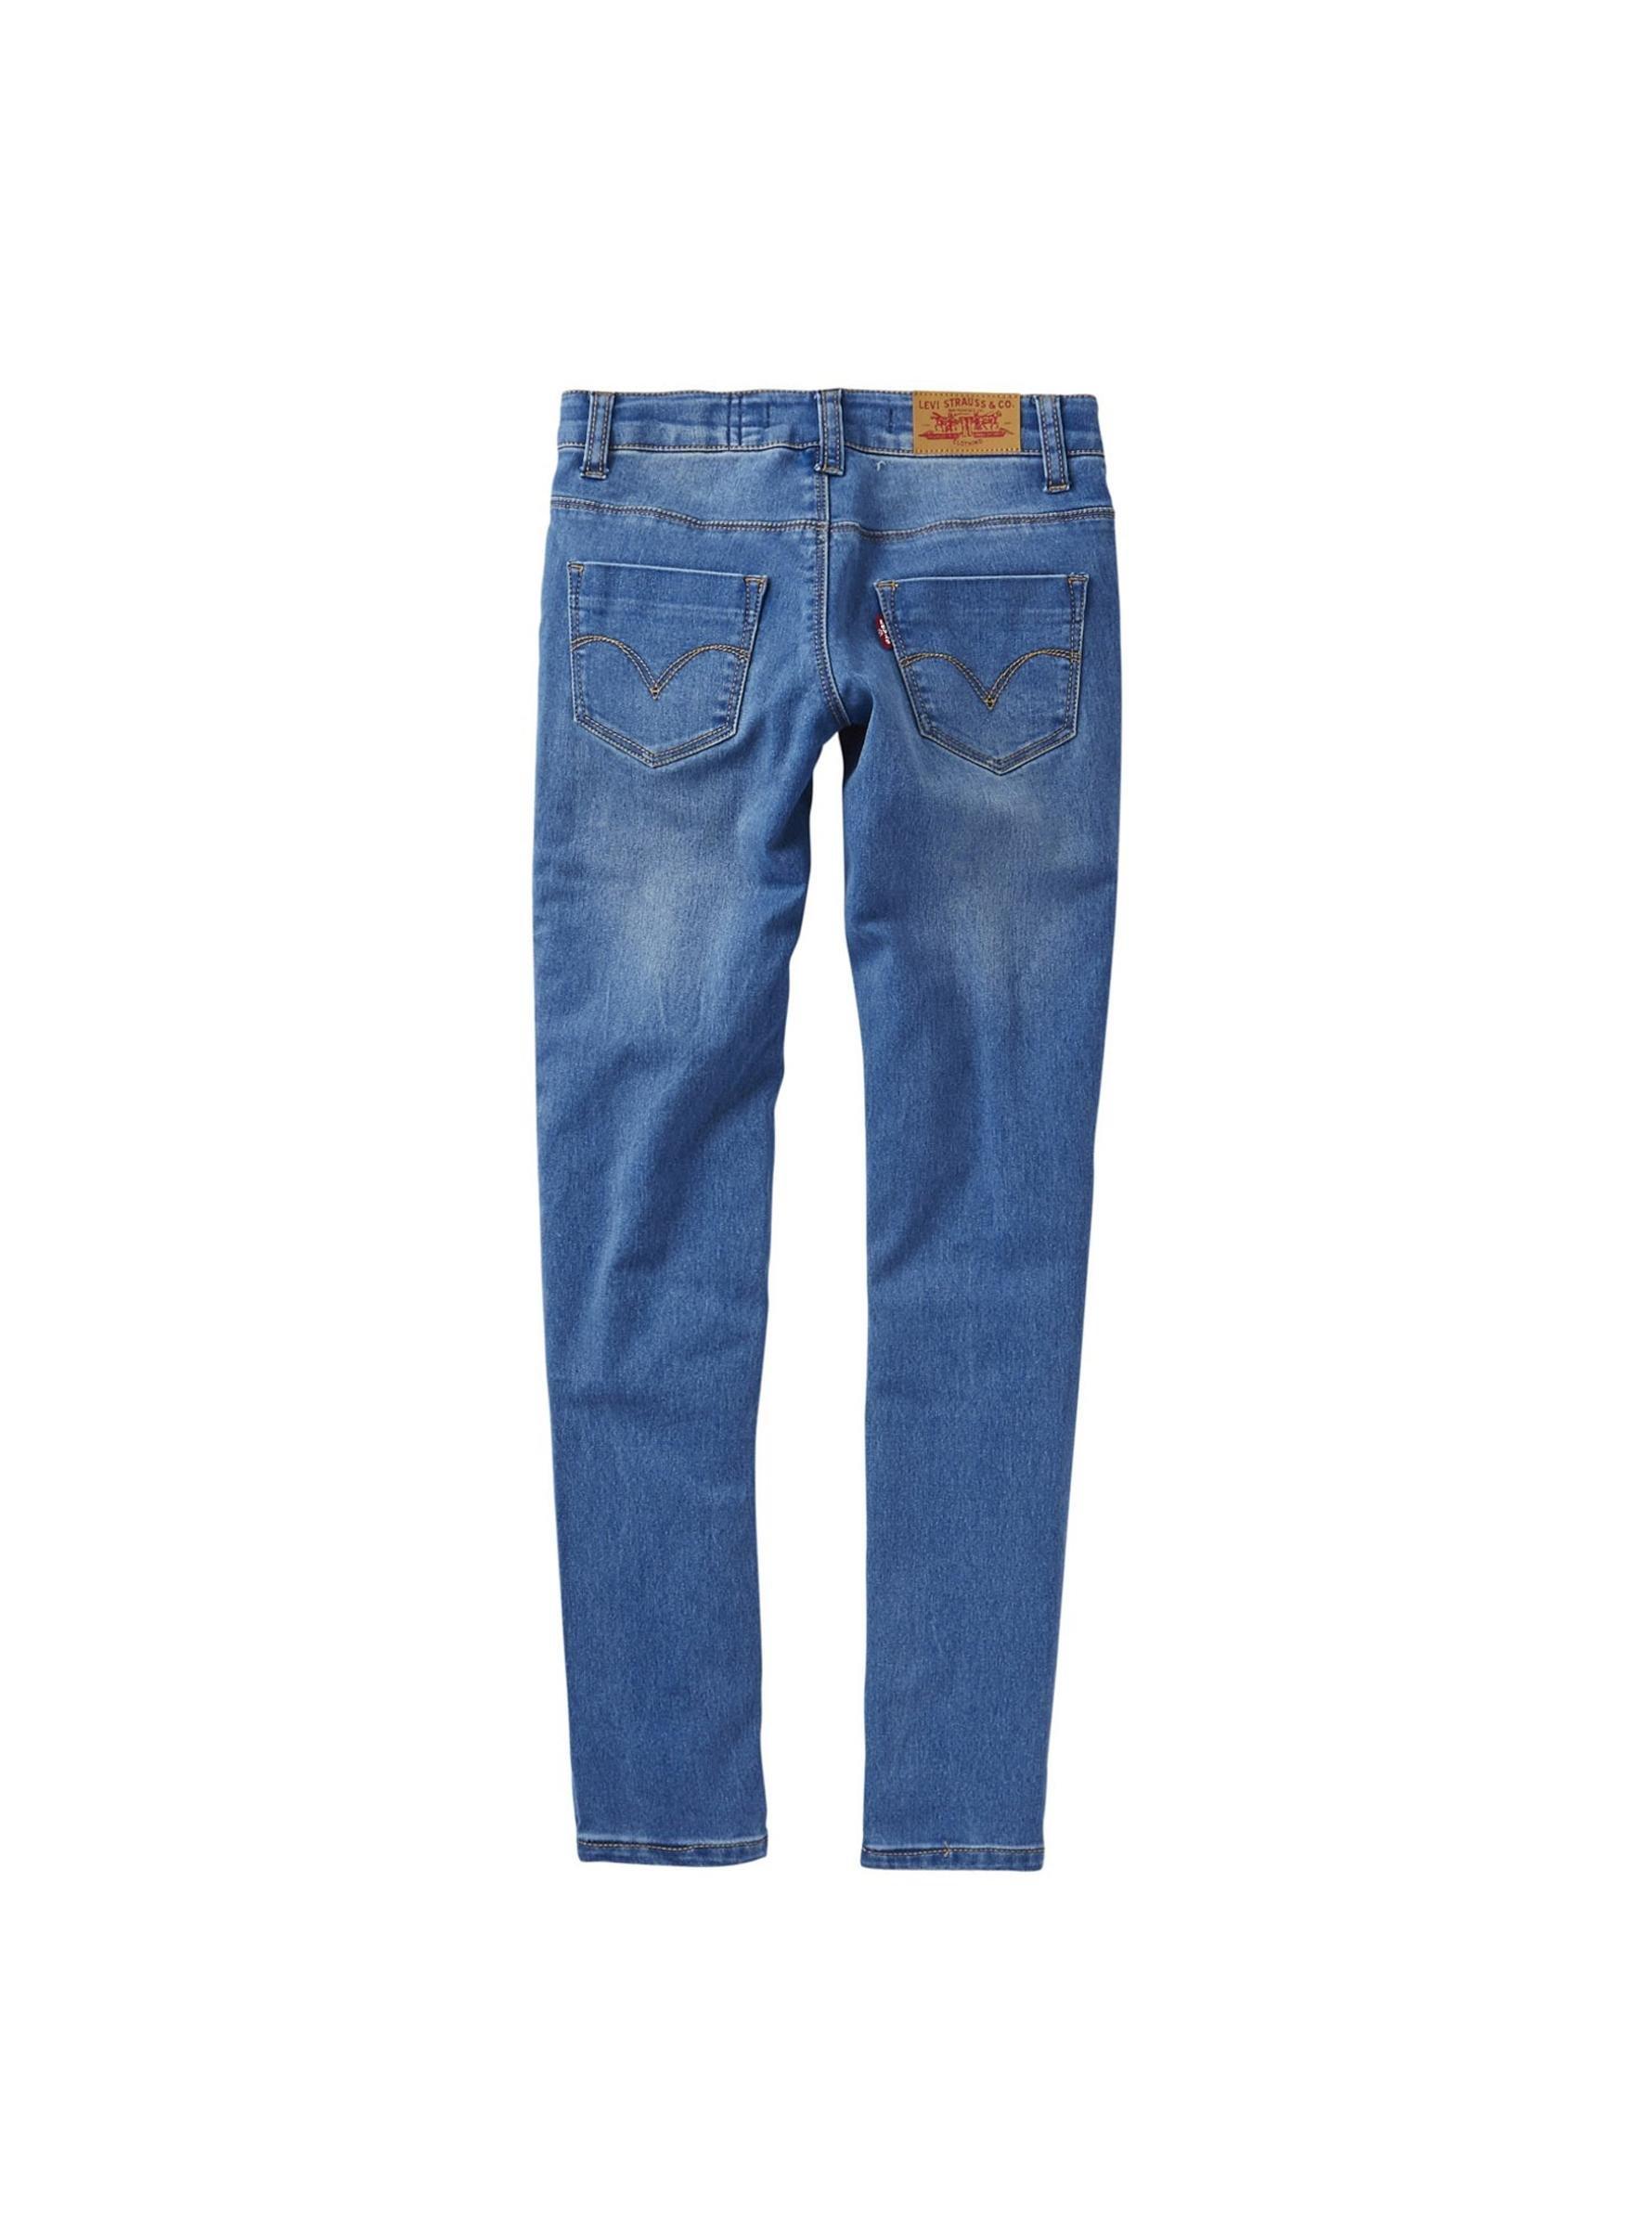 Pantalon Vaquero Levis Azul Claro